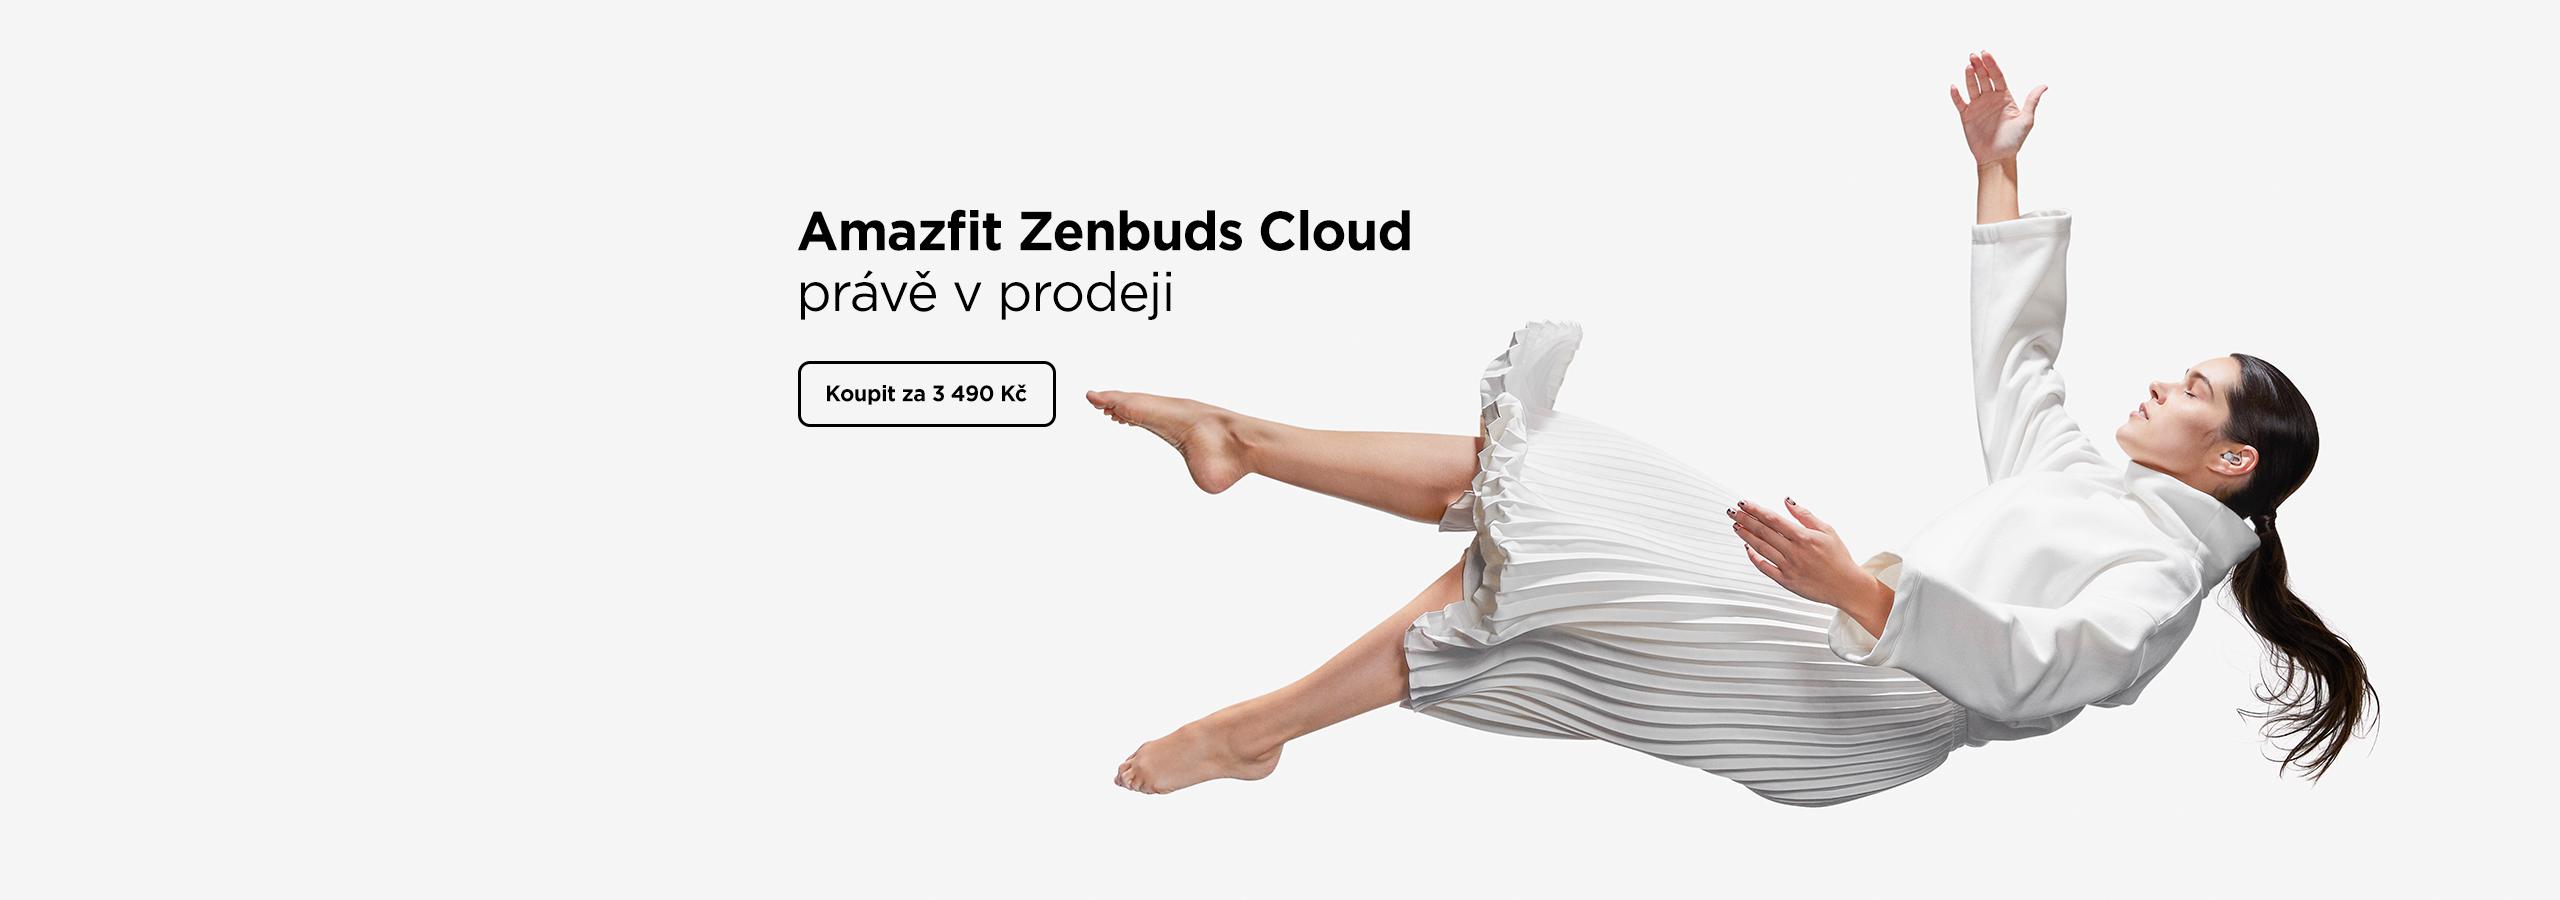 Zenbuds